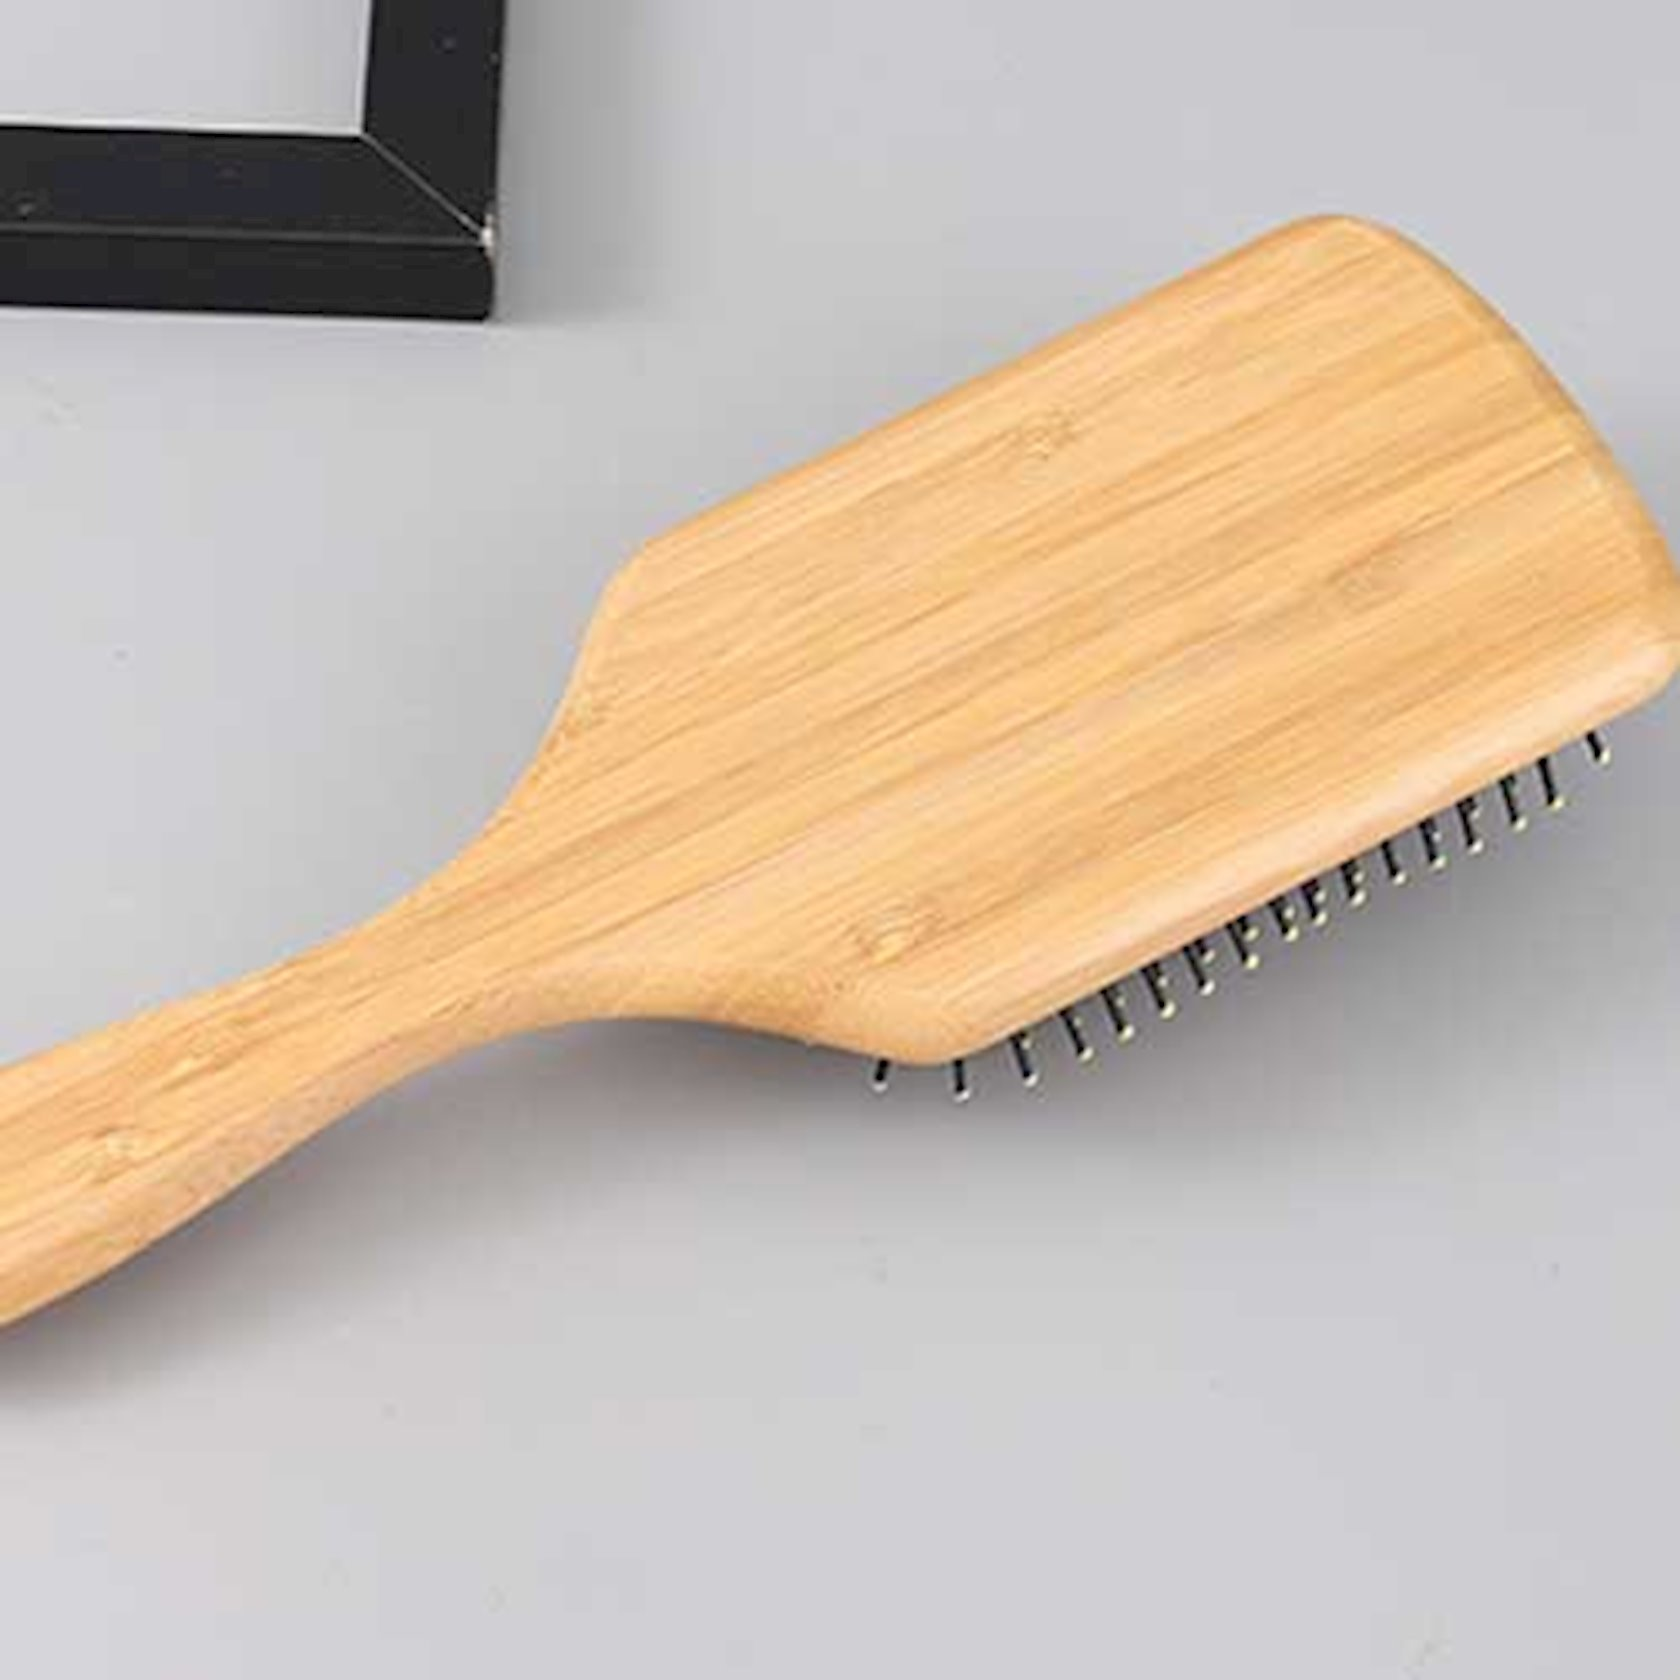 Saç üçün daraq bambuk materialı kvadrat Ximivogue böyük ölçü